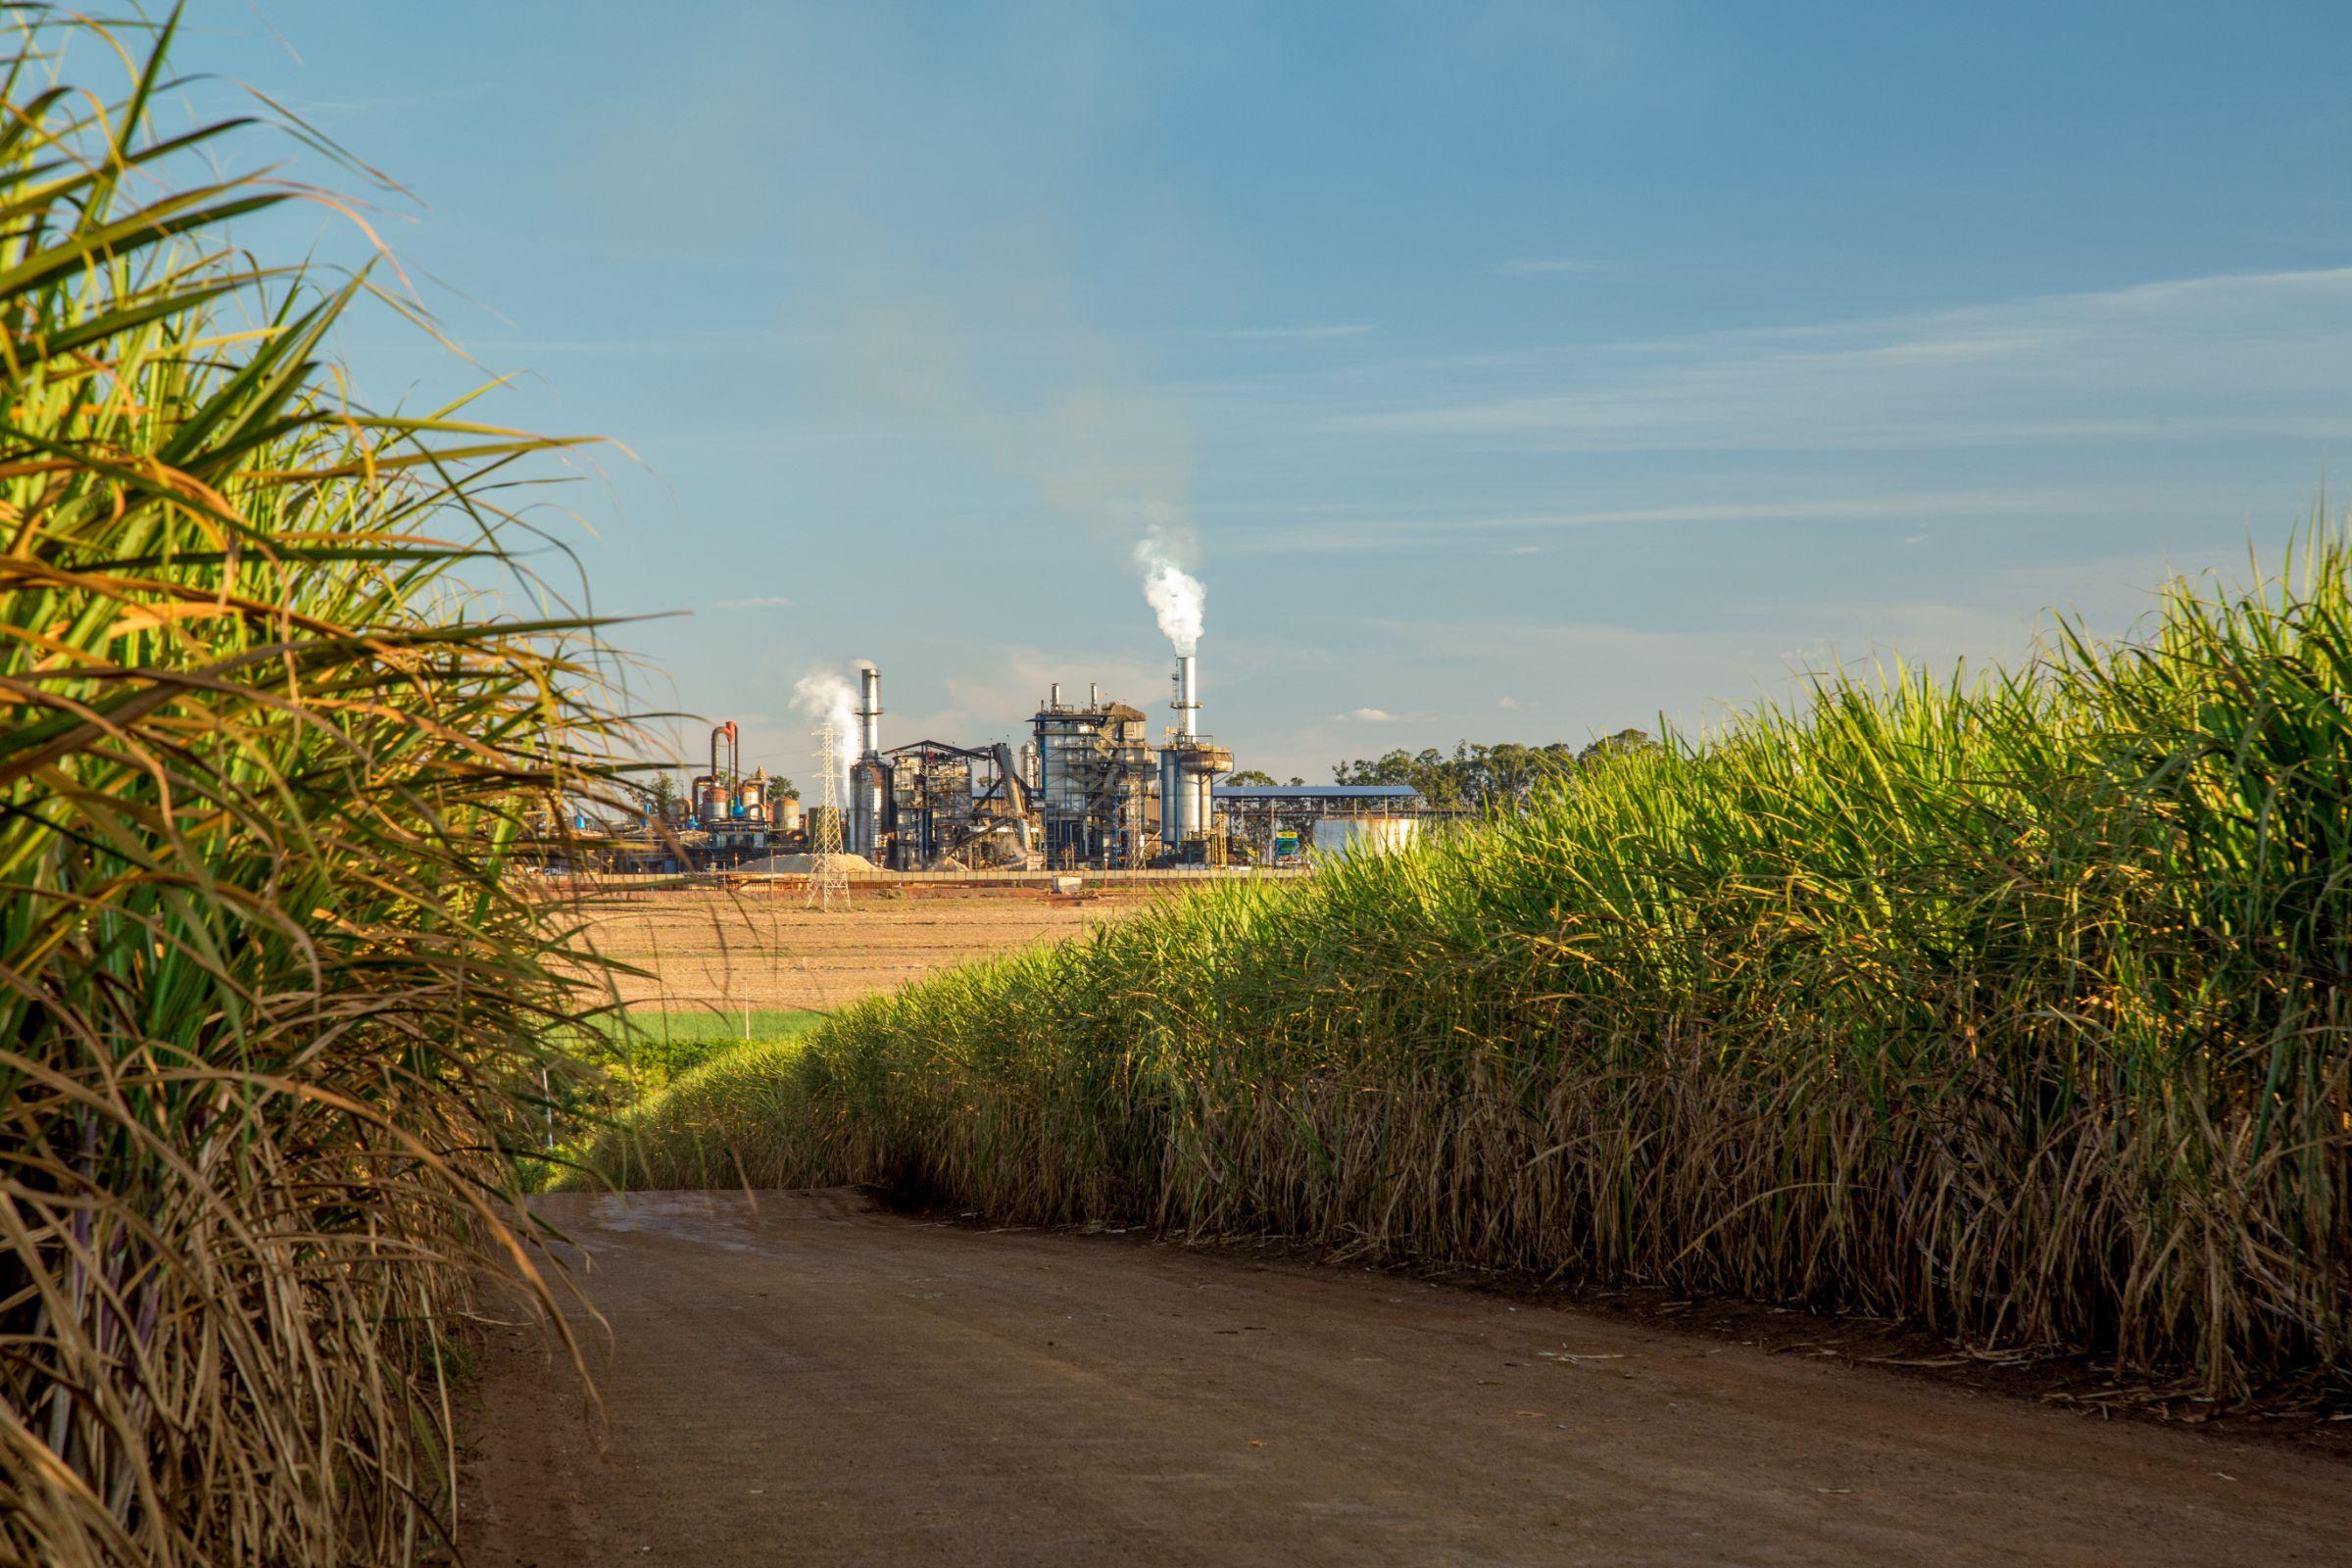 refinaria de etanol combustivel foto shutterstock